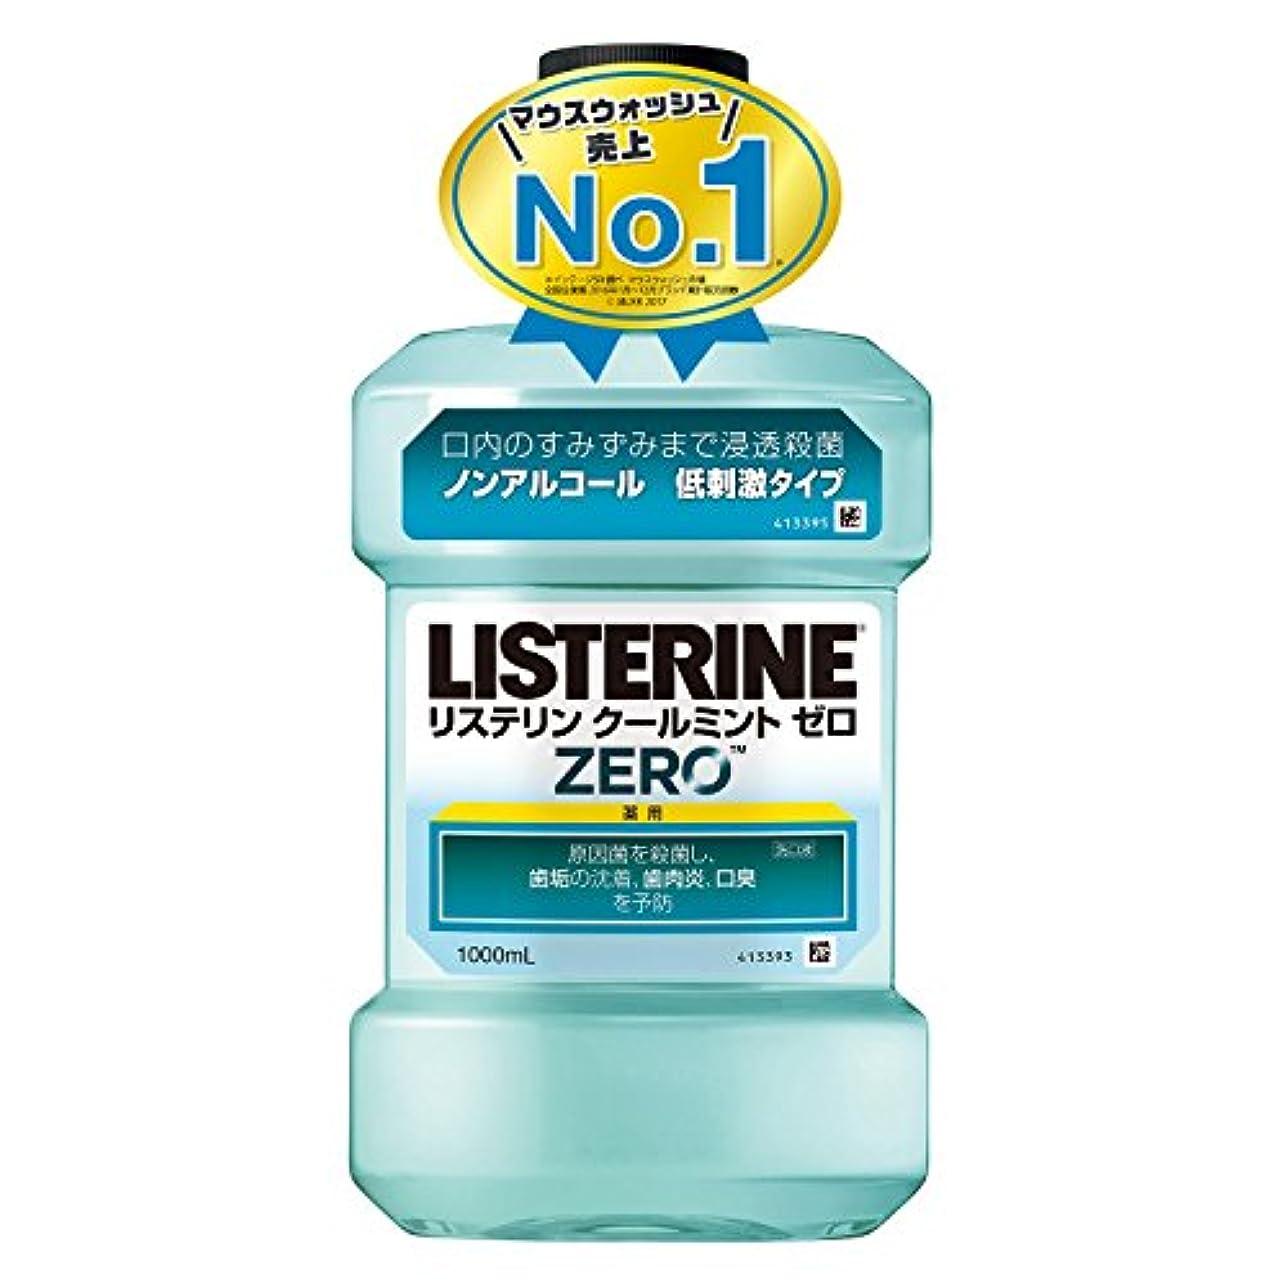 冷酷な受ける提案する[医薬部外品] 薬用 リステリン マウスウォッシュ クールミント ゼロ 1000mL ノンアルコールタイプ